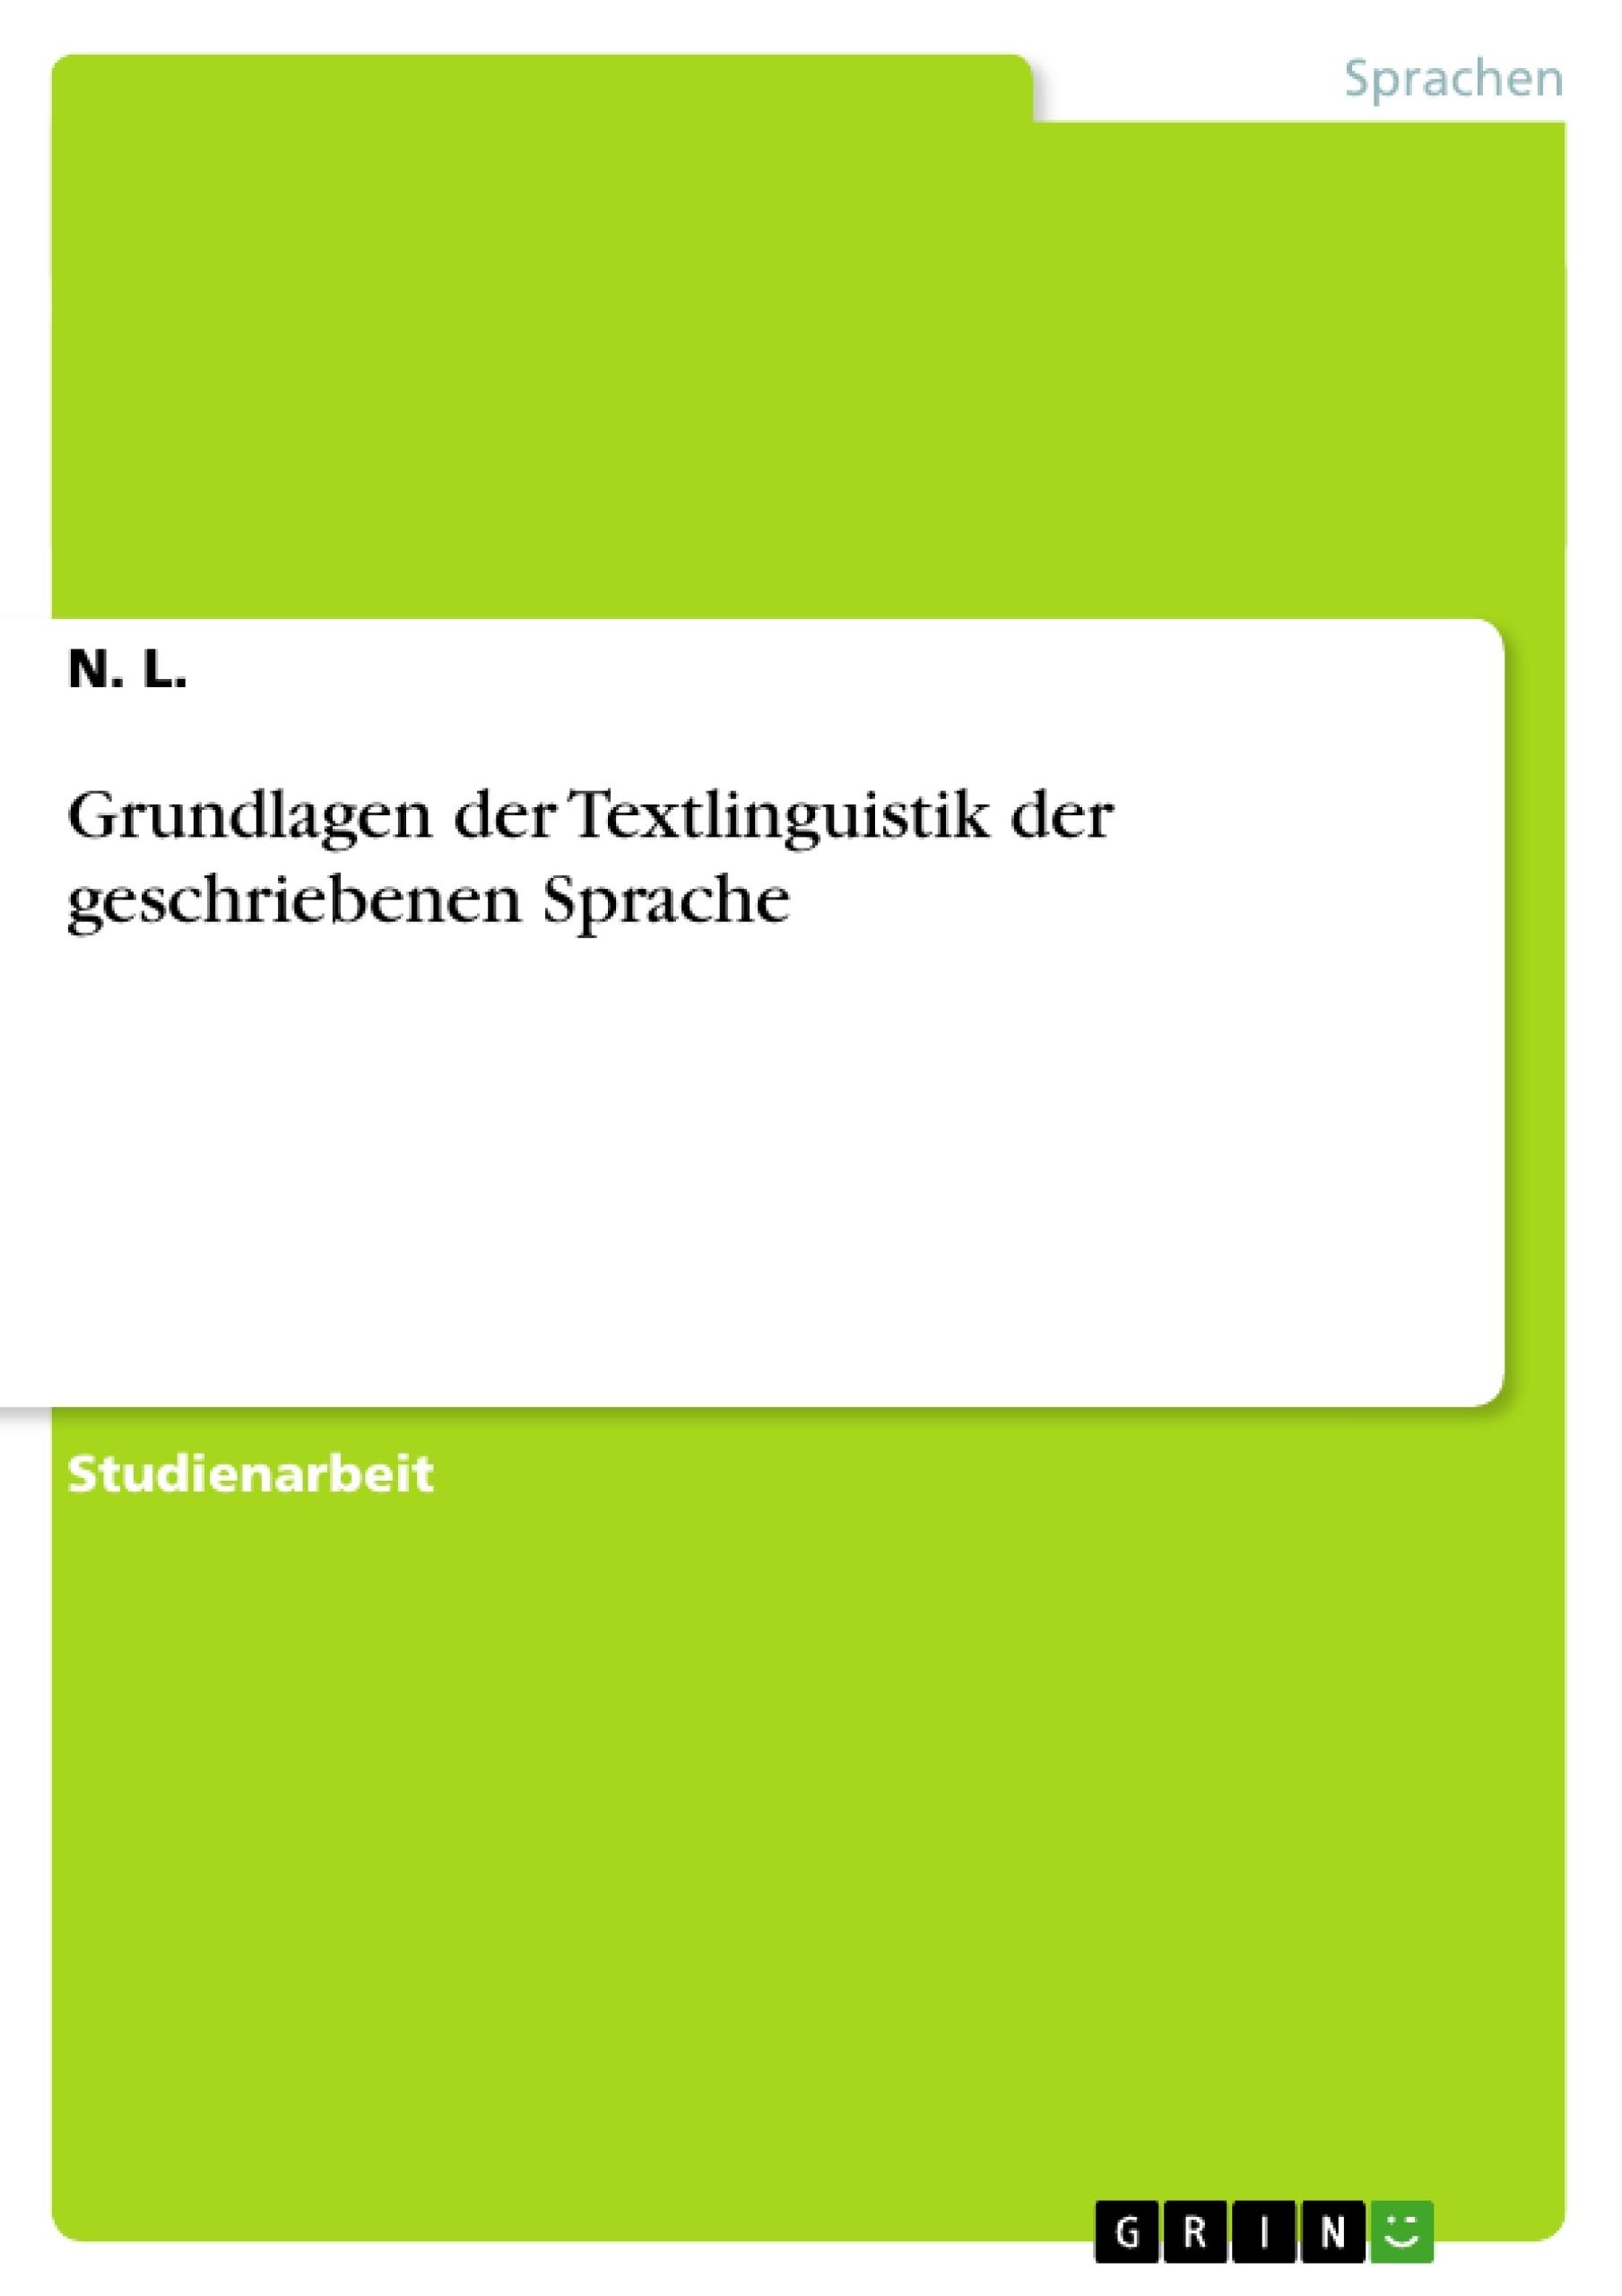 Titel: Grundlagen der Textlinguistik der geschriebenen Sprache